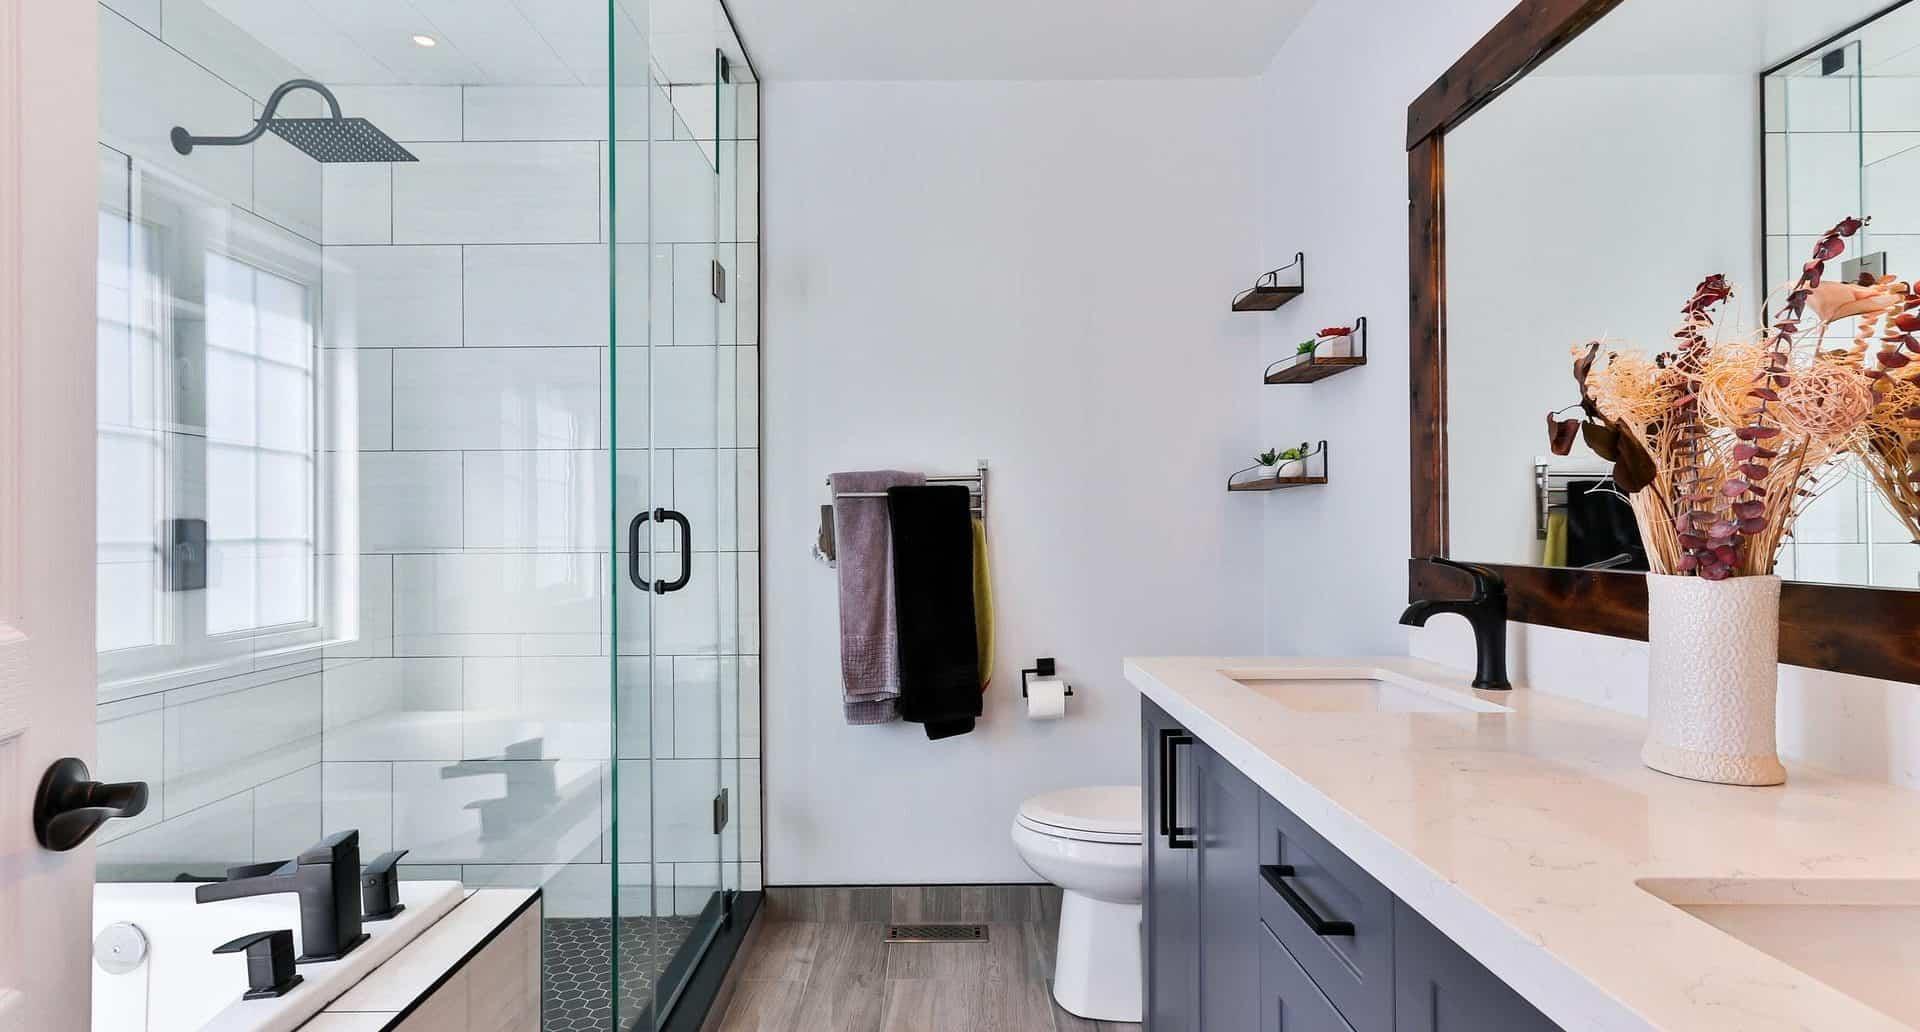 Mirabelle Kitchen and Bath